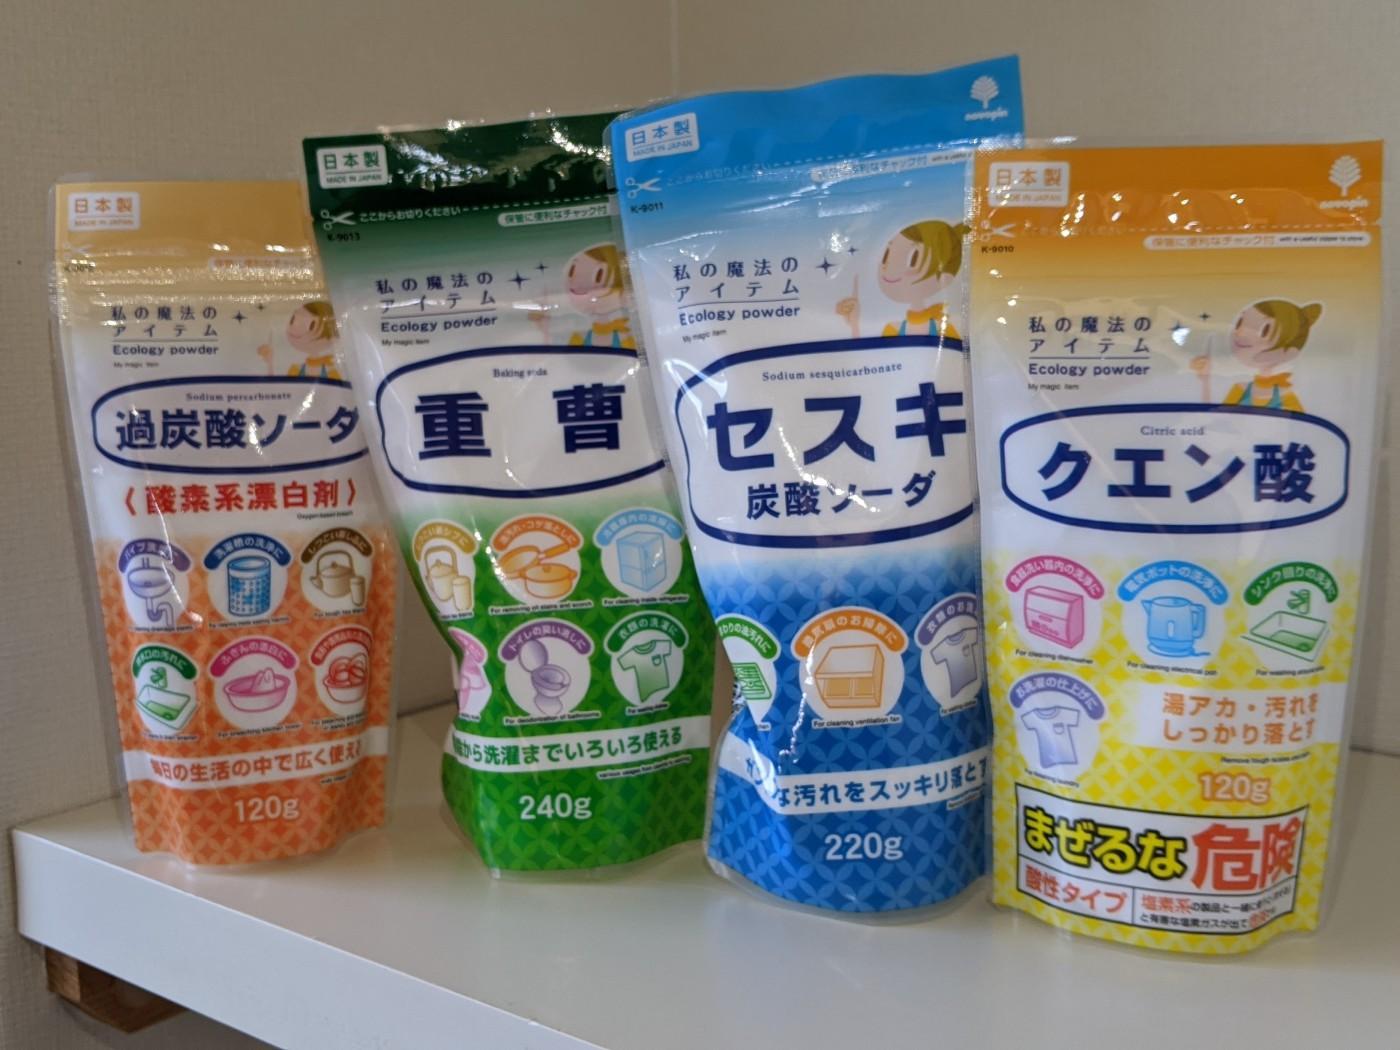 プロの掃除屋が語るナチュラル洗剤【クエン酸・過炭酸ナトリウム編】